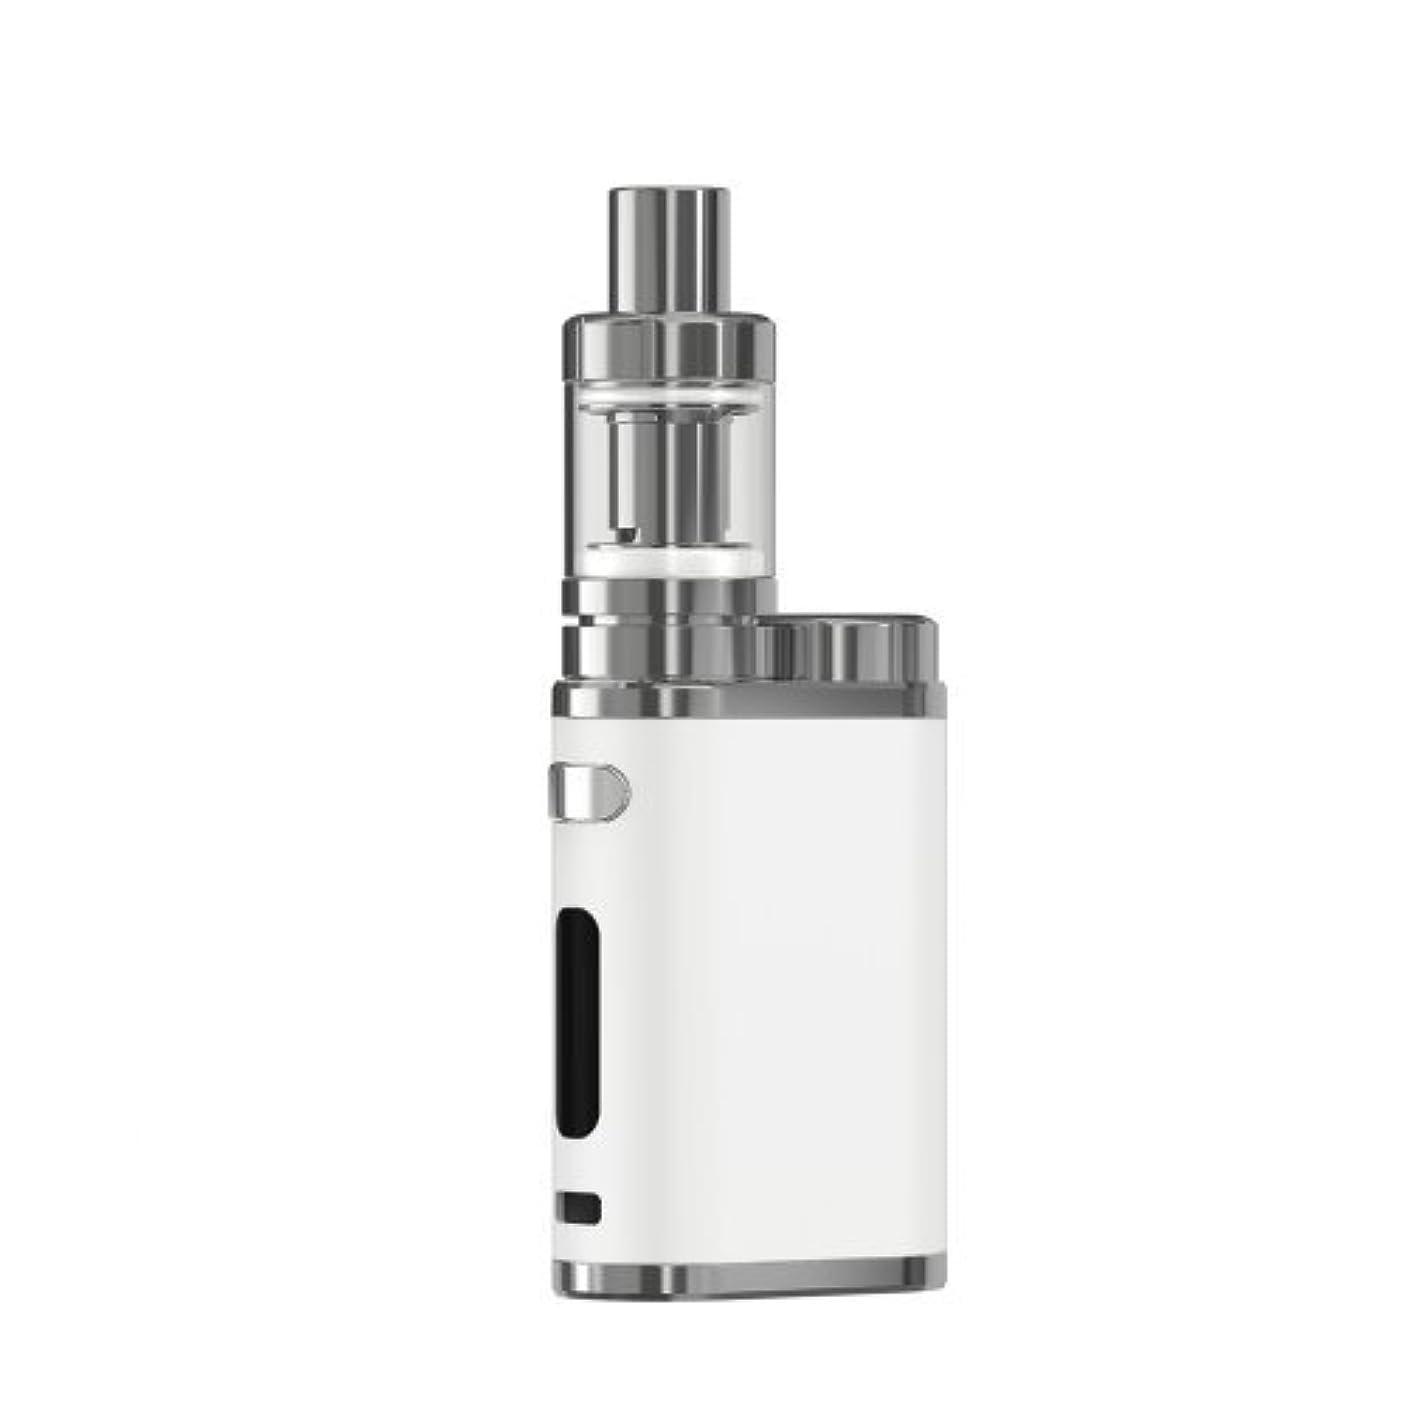 協力的争いコインAMDIA 灰皿?喫煙具 ホワイト iStick Pico(本体):4.5×2.3×7.05cm、MELO III Mini(アトマイザー):φ2.2×5.5cm 1082085